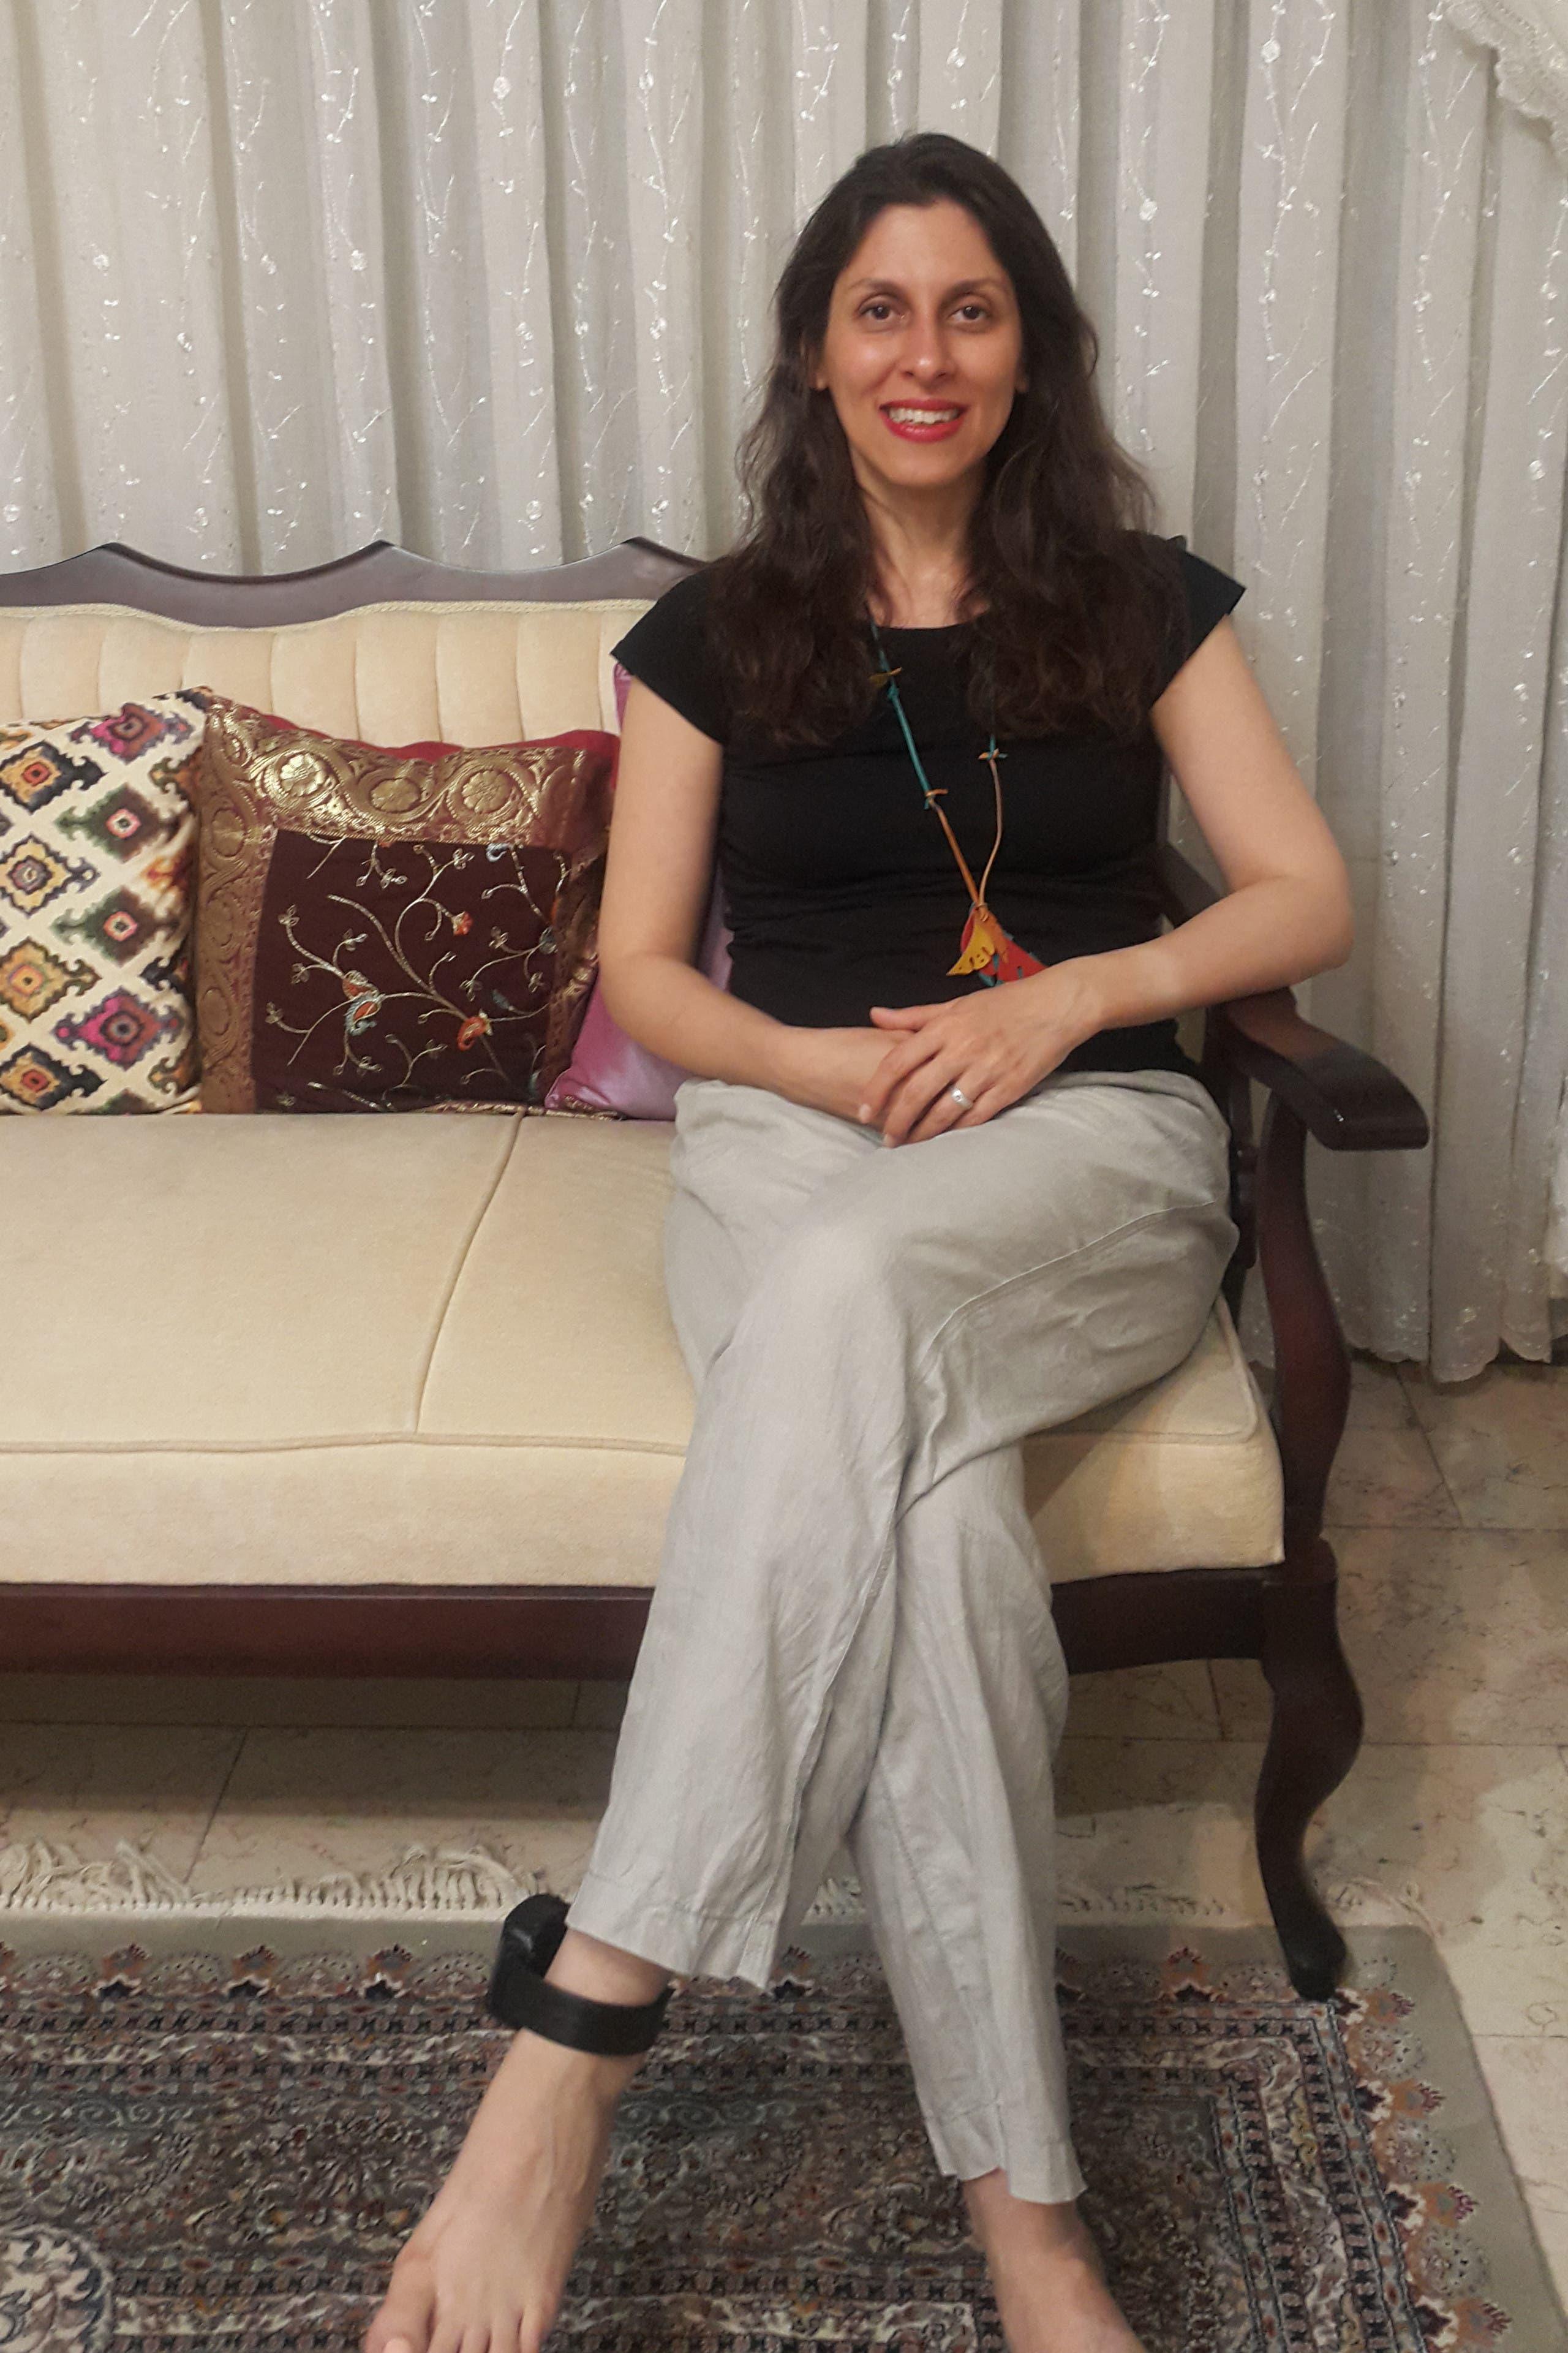 راتكليف في منزلها في طهران والسوار الإلكتروني يلف كاحلها